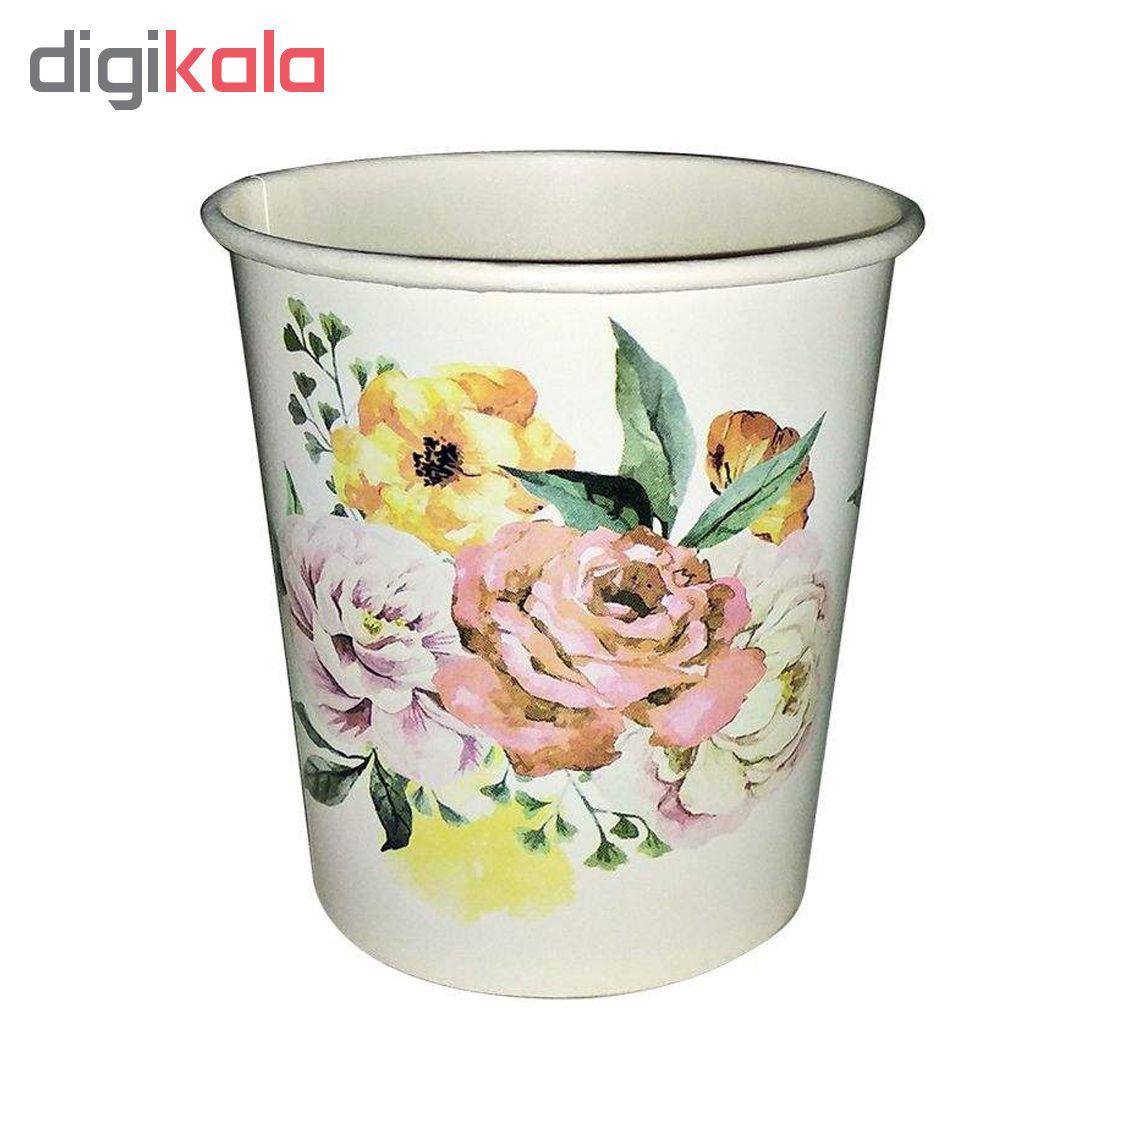 لیوان یکبار مصرف کاغذی الین پلاست مدل KGH5-40 بسته 40 عددی